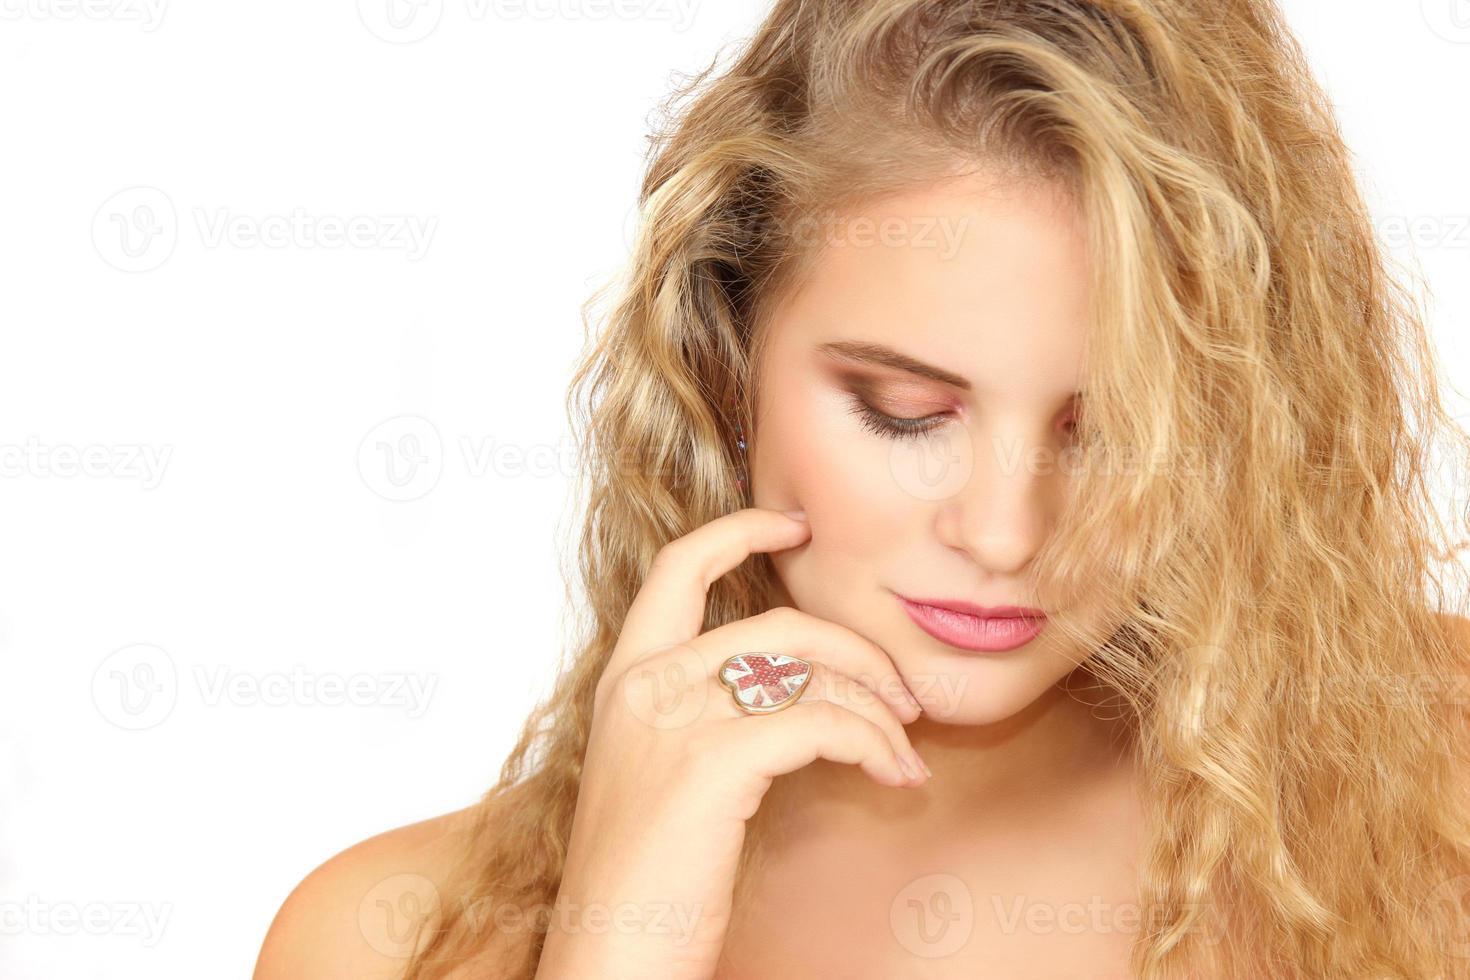 horizontales Porträt des Mädchens auf einem weißen Hintergrund foto